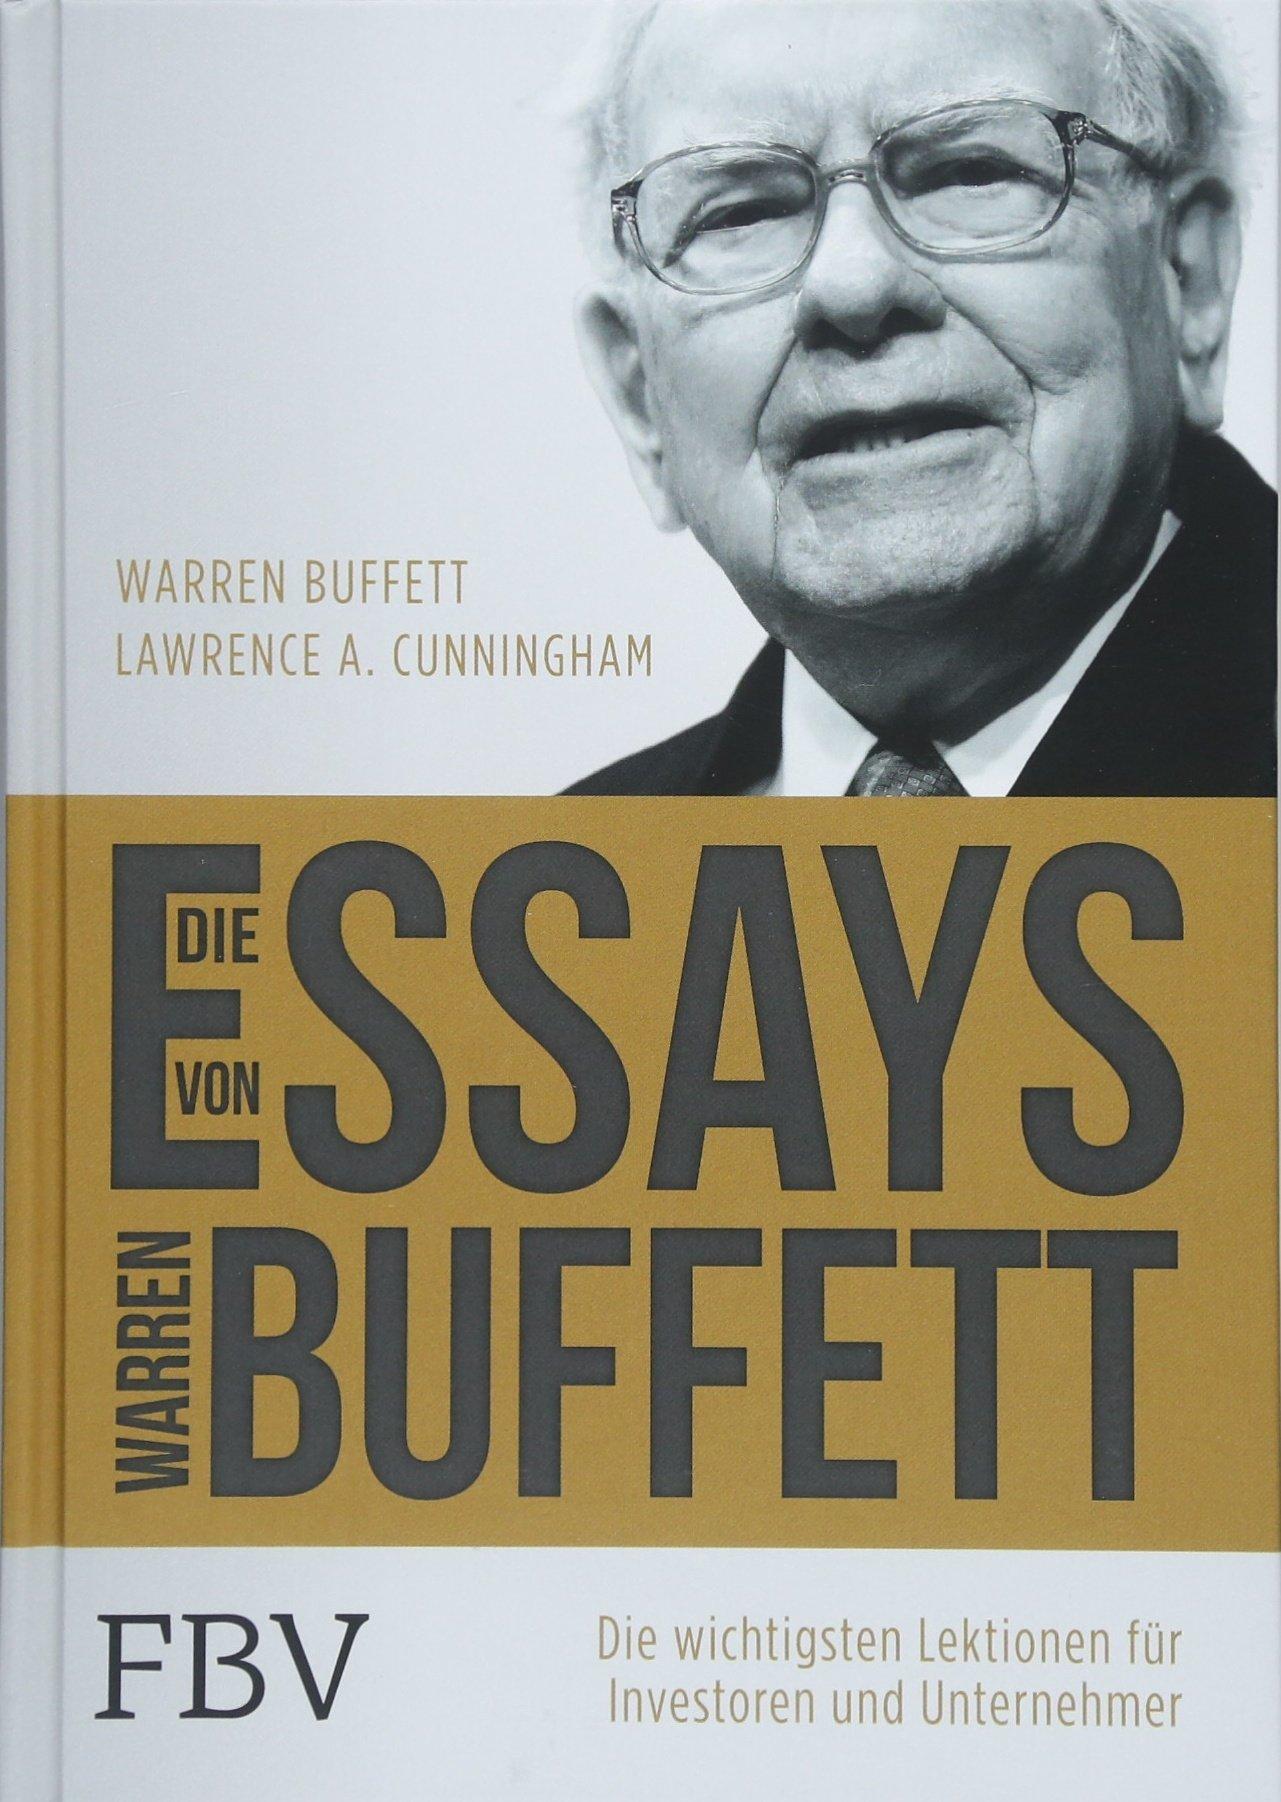 Die Essays von Warren Buffett: Die wichtigsten Lektionen für Investoren und Unternehmer Gebundenes Buch – 16. April 2018 Lawrence A. Cunningham FinanzBuch Verlag 3959720033 Rechnungswesen